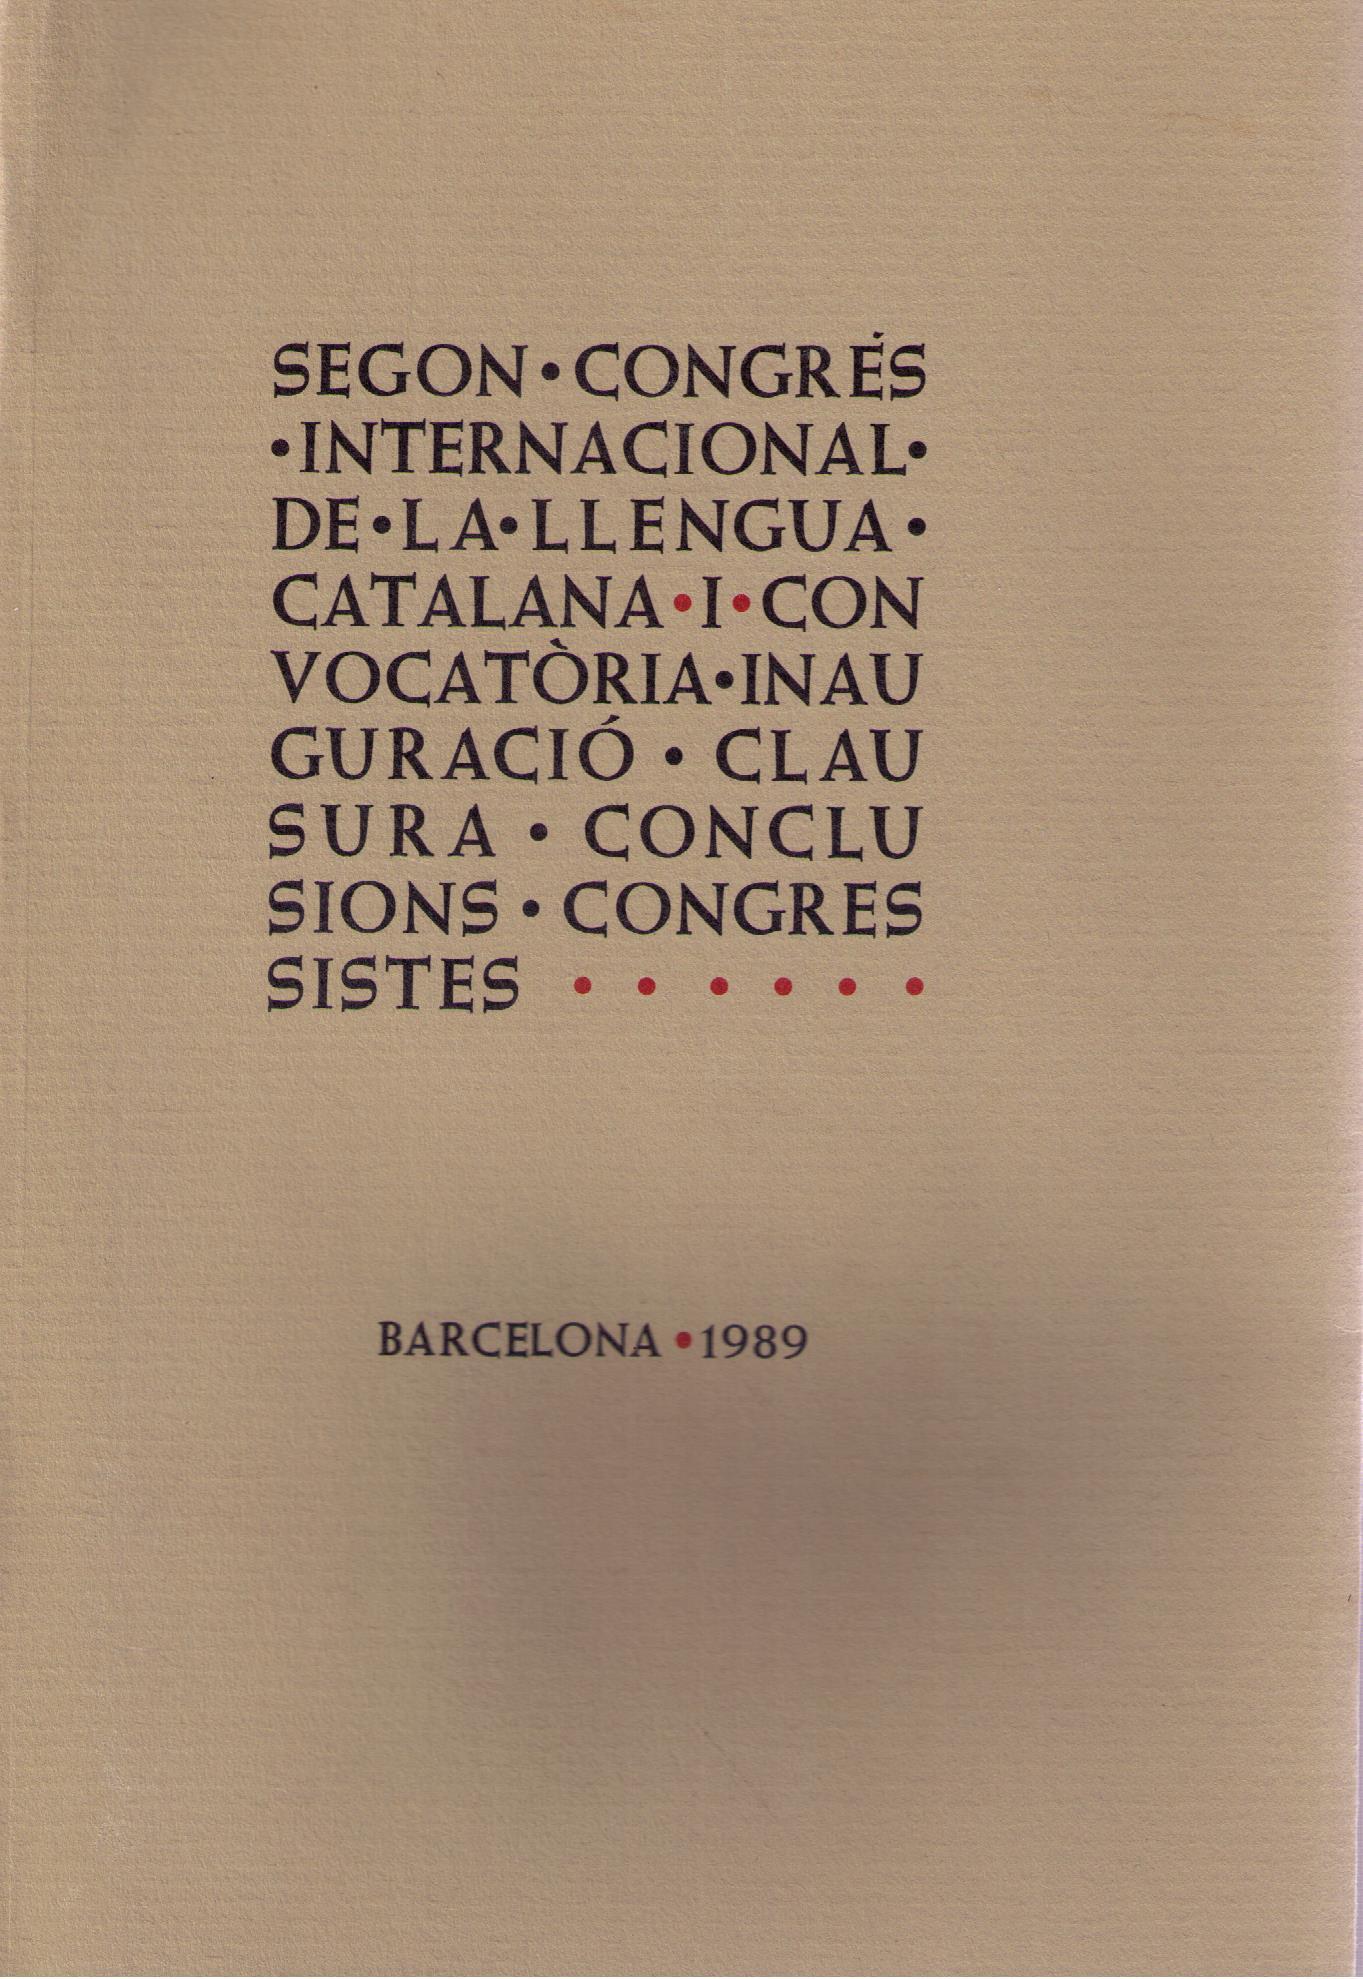 II Congrés Internacional de la Llengua Catalana